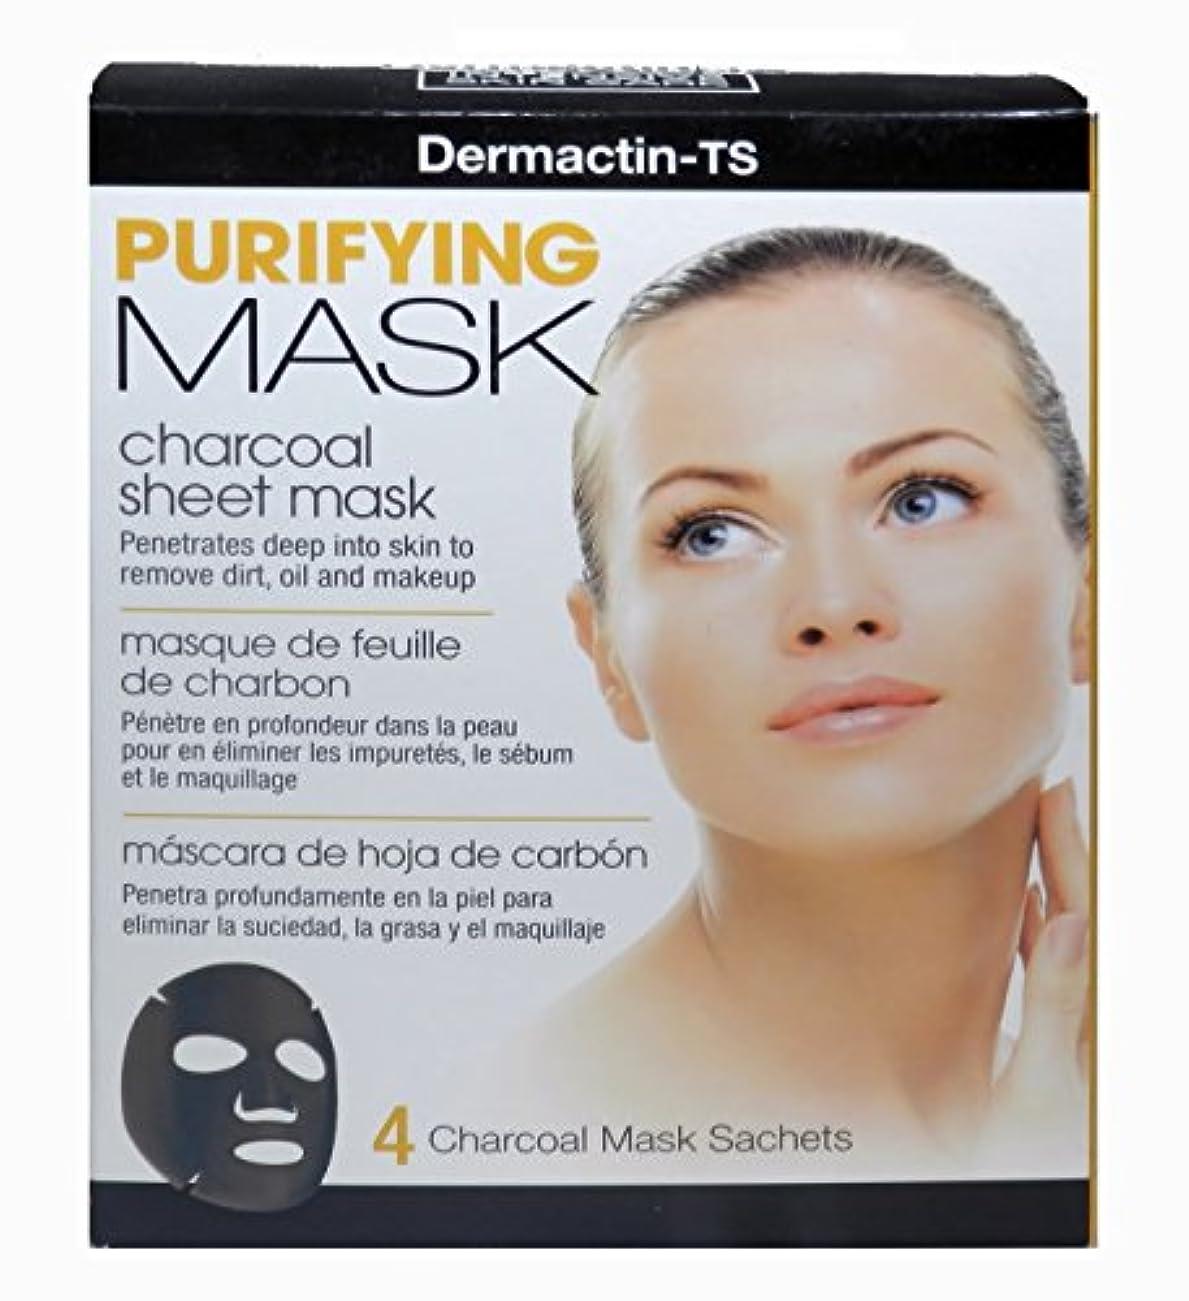 信頼できる財布力Dermactin-TS カーボール4カウント付浄化マスク(6パック) (並行輸入品)